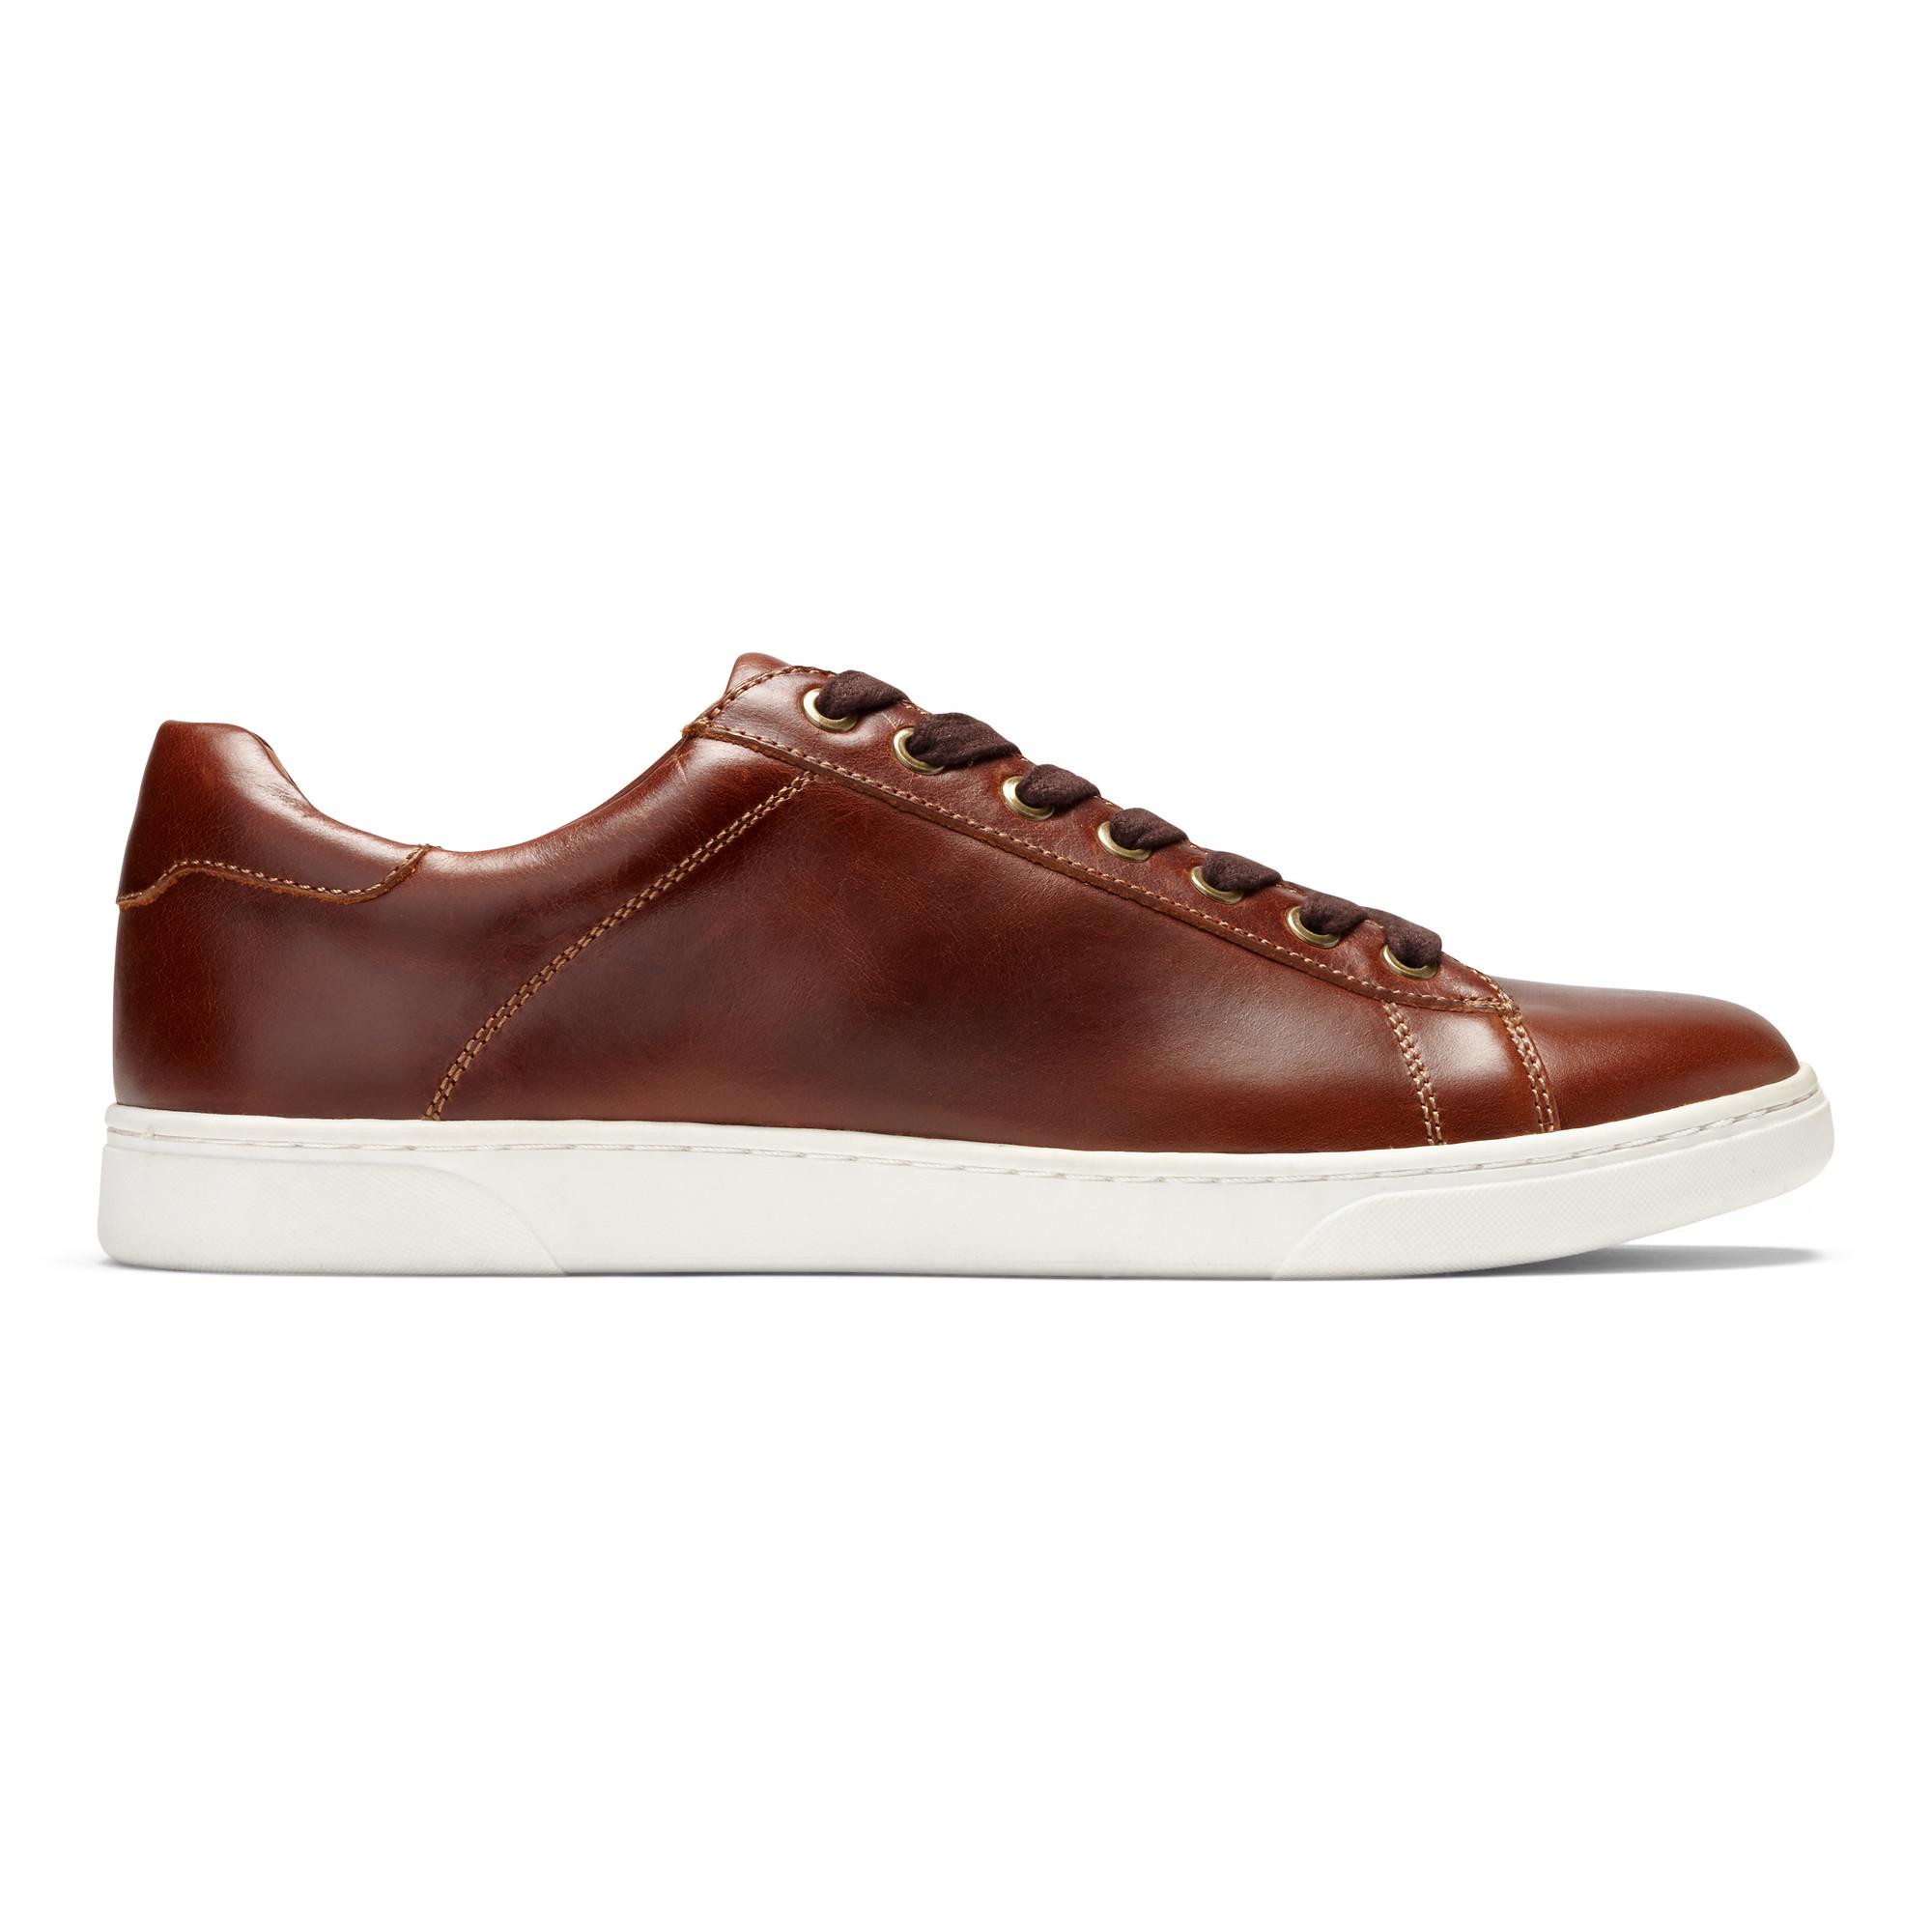 Vionic Men's Baldwin Lace Up Sneaker in